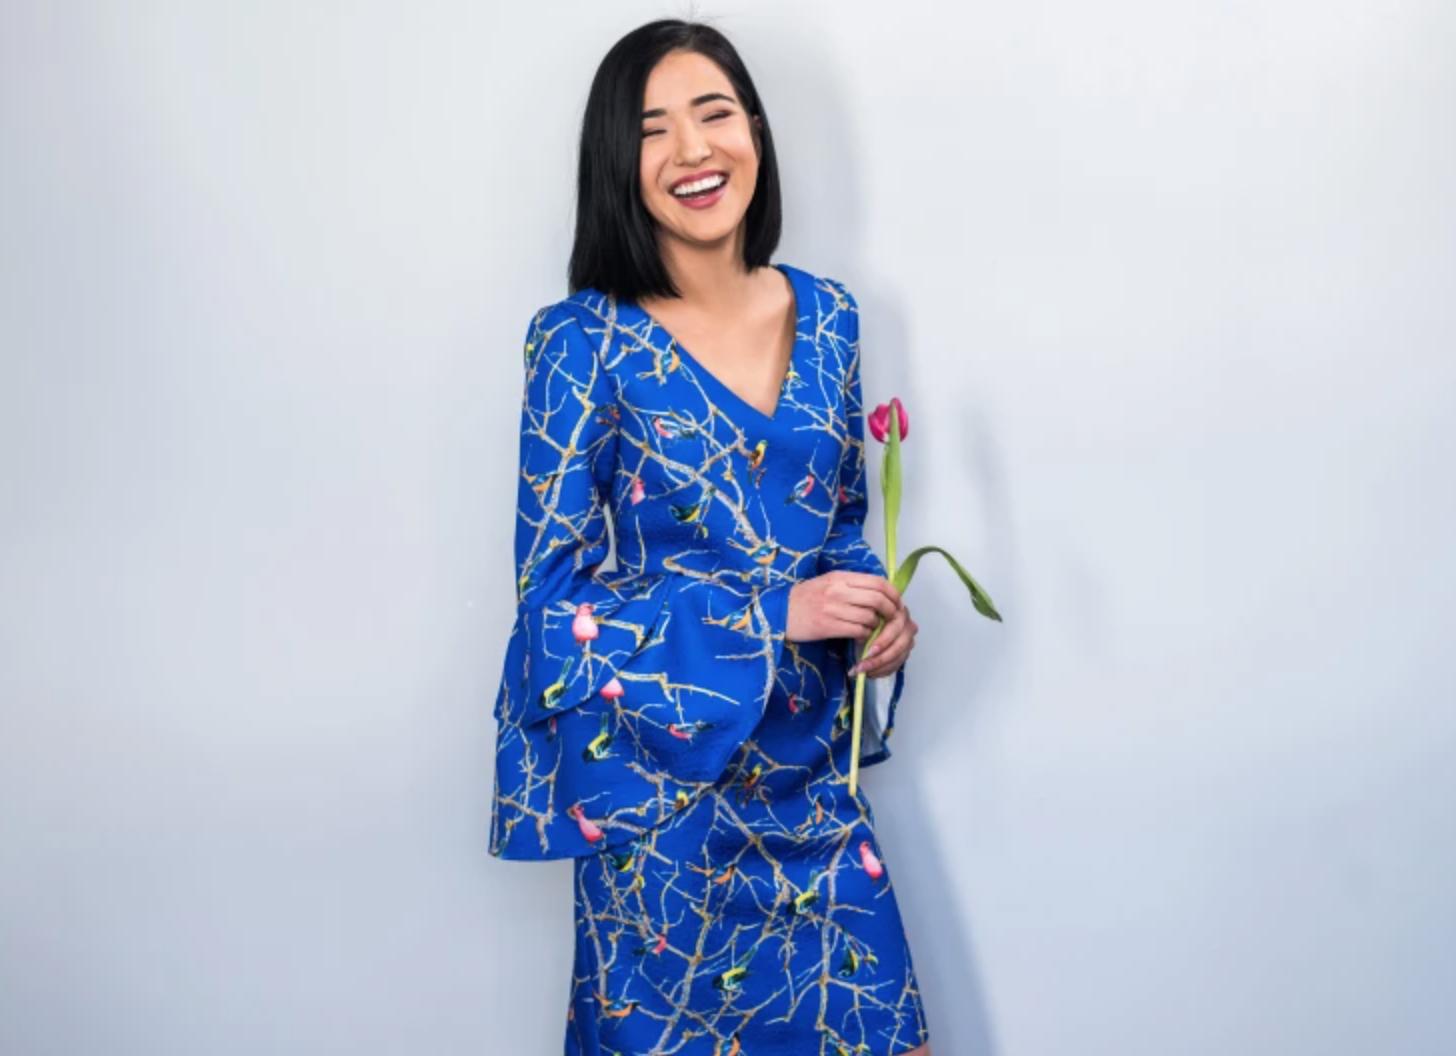 woman wearing blue flirty dress